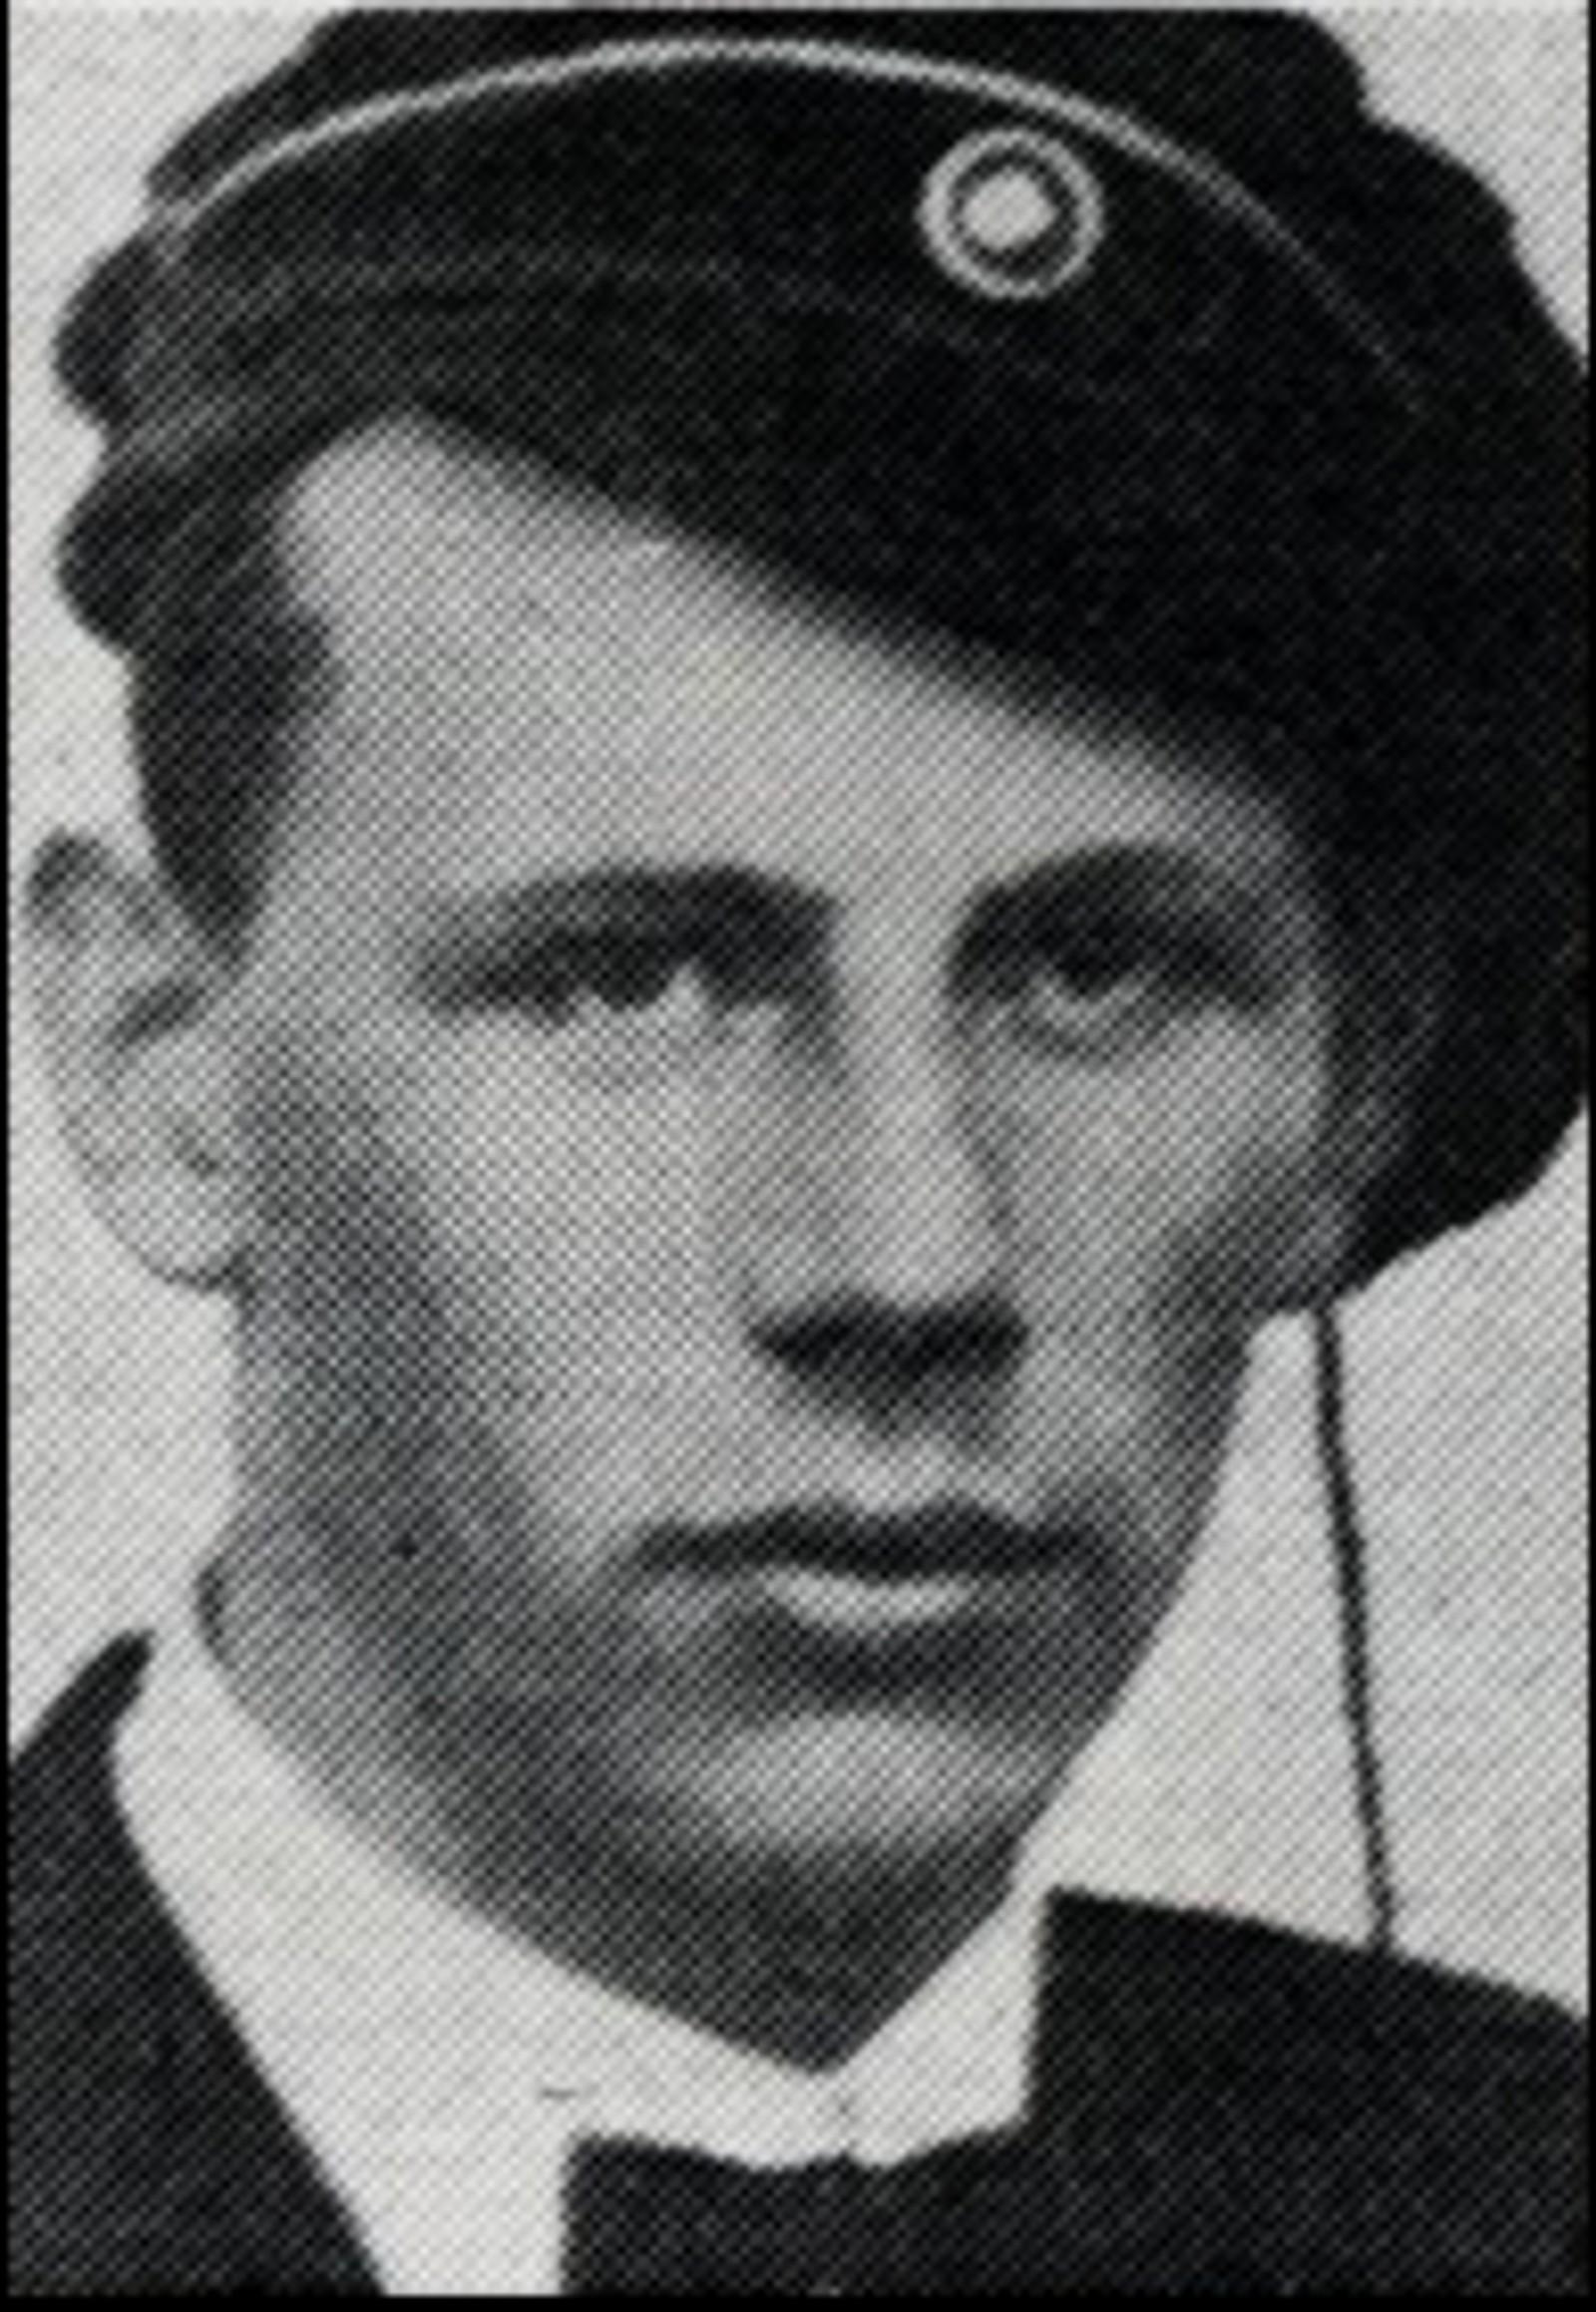 Henry Ness: : Sersjant ved luftvernet i Oslo. Dro til Terningmoen 9.april for å slutte seg til styrkene der. Omkom under bombeangrepet 11.april.